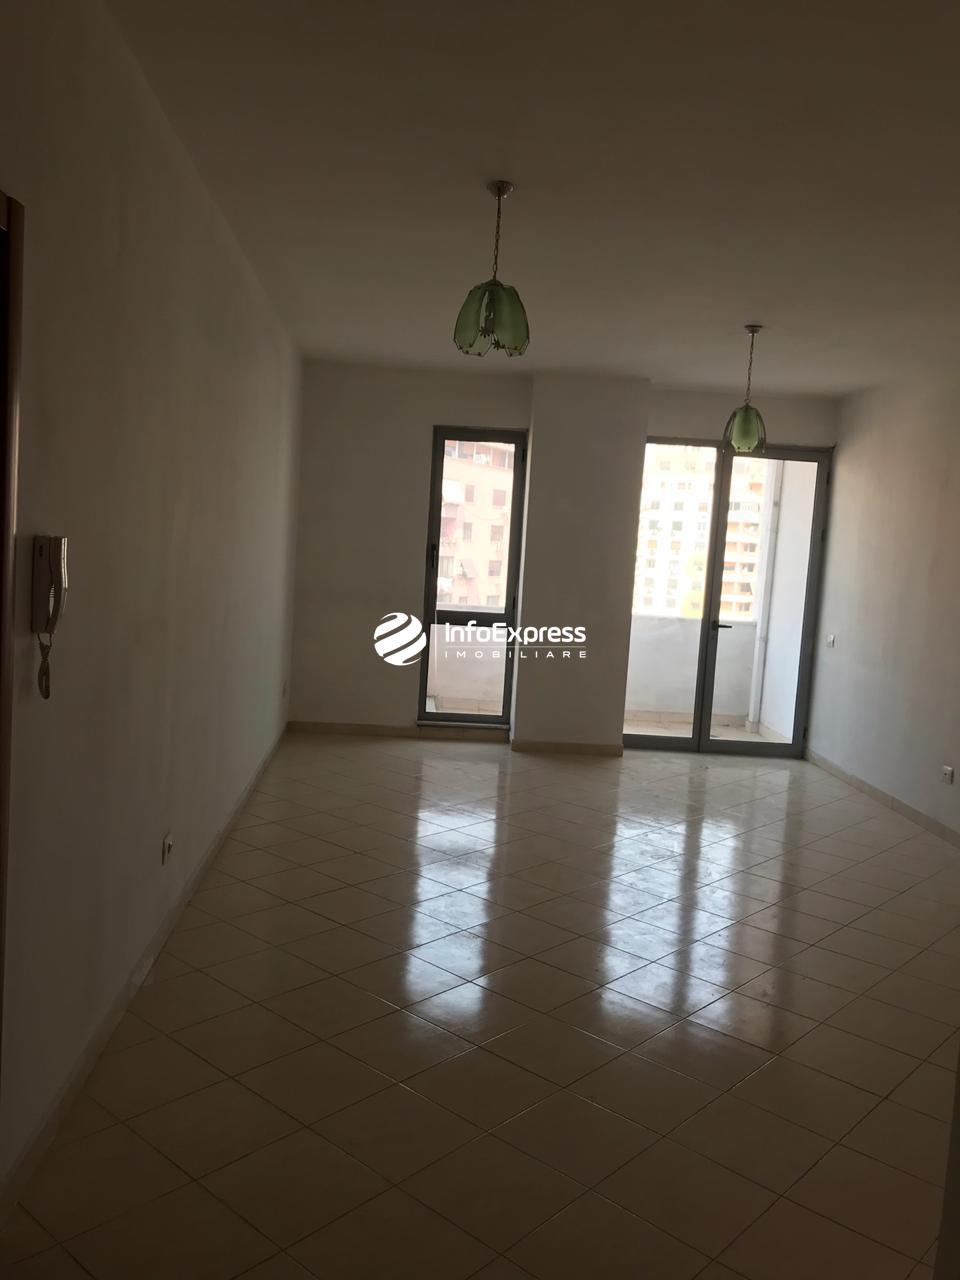 TRR-0618-1348 Jepet me qera apartament 1+1 ne qender prane  mullirit te  vjeter